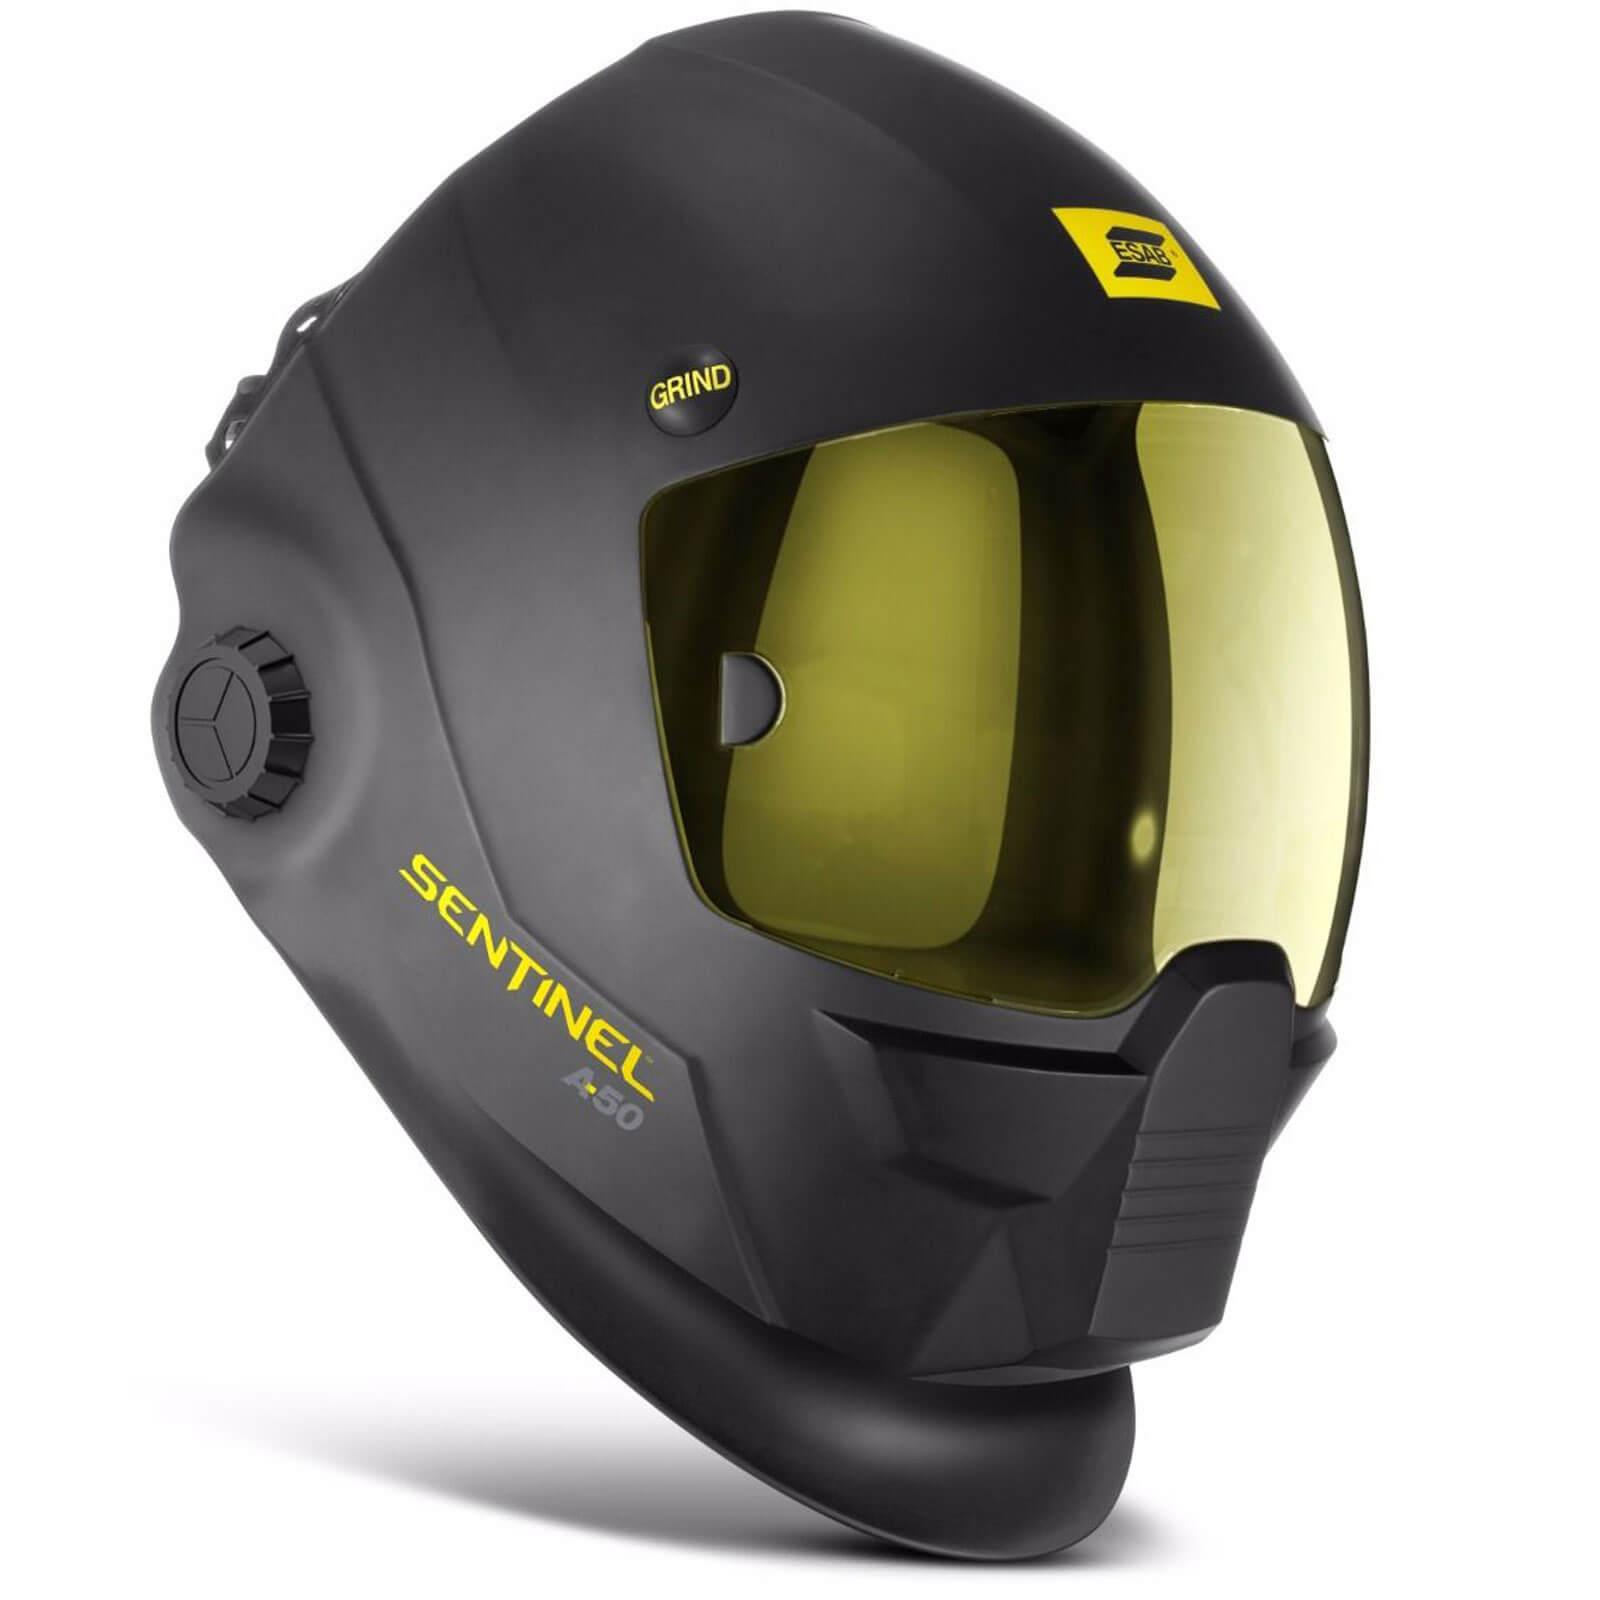 Image of Esab Sentinel A50 Auto Darkening Welding Helmet